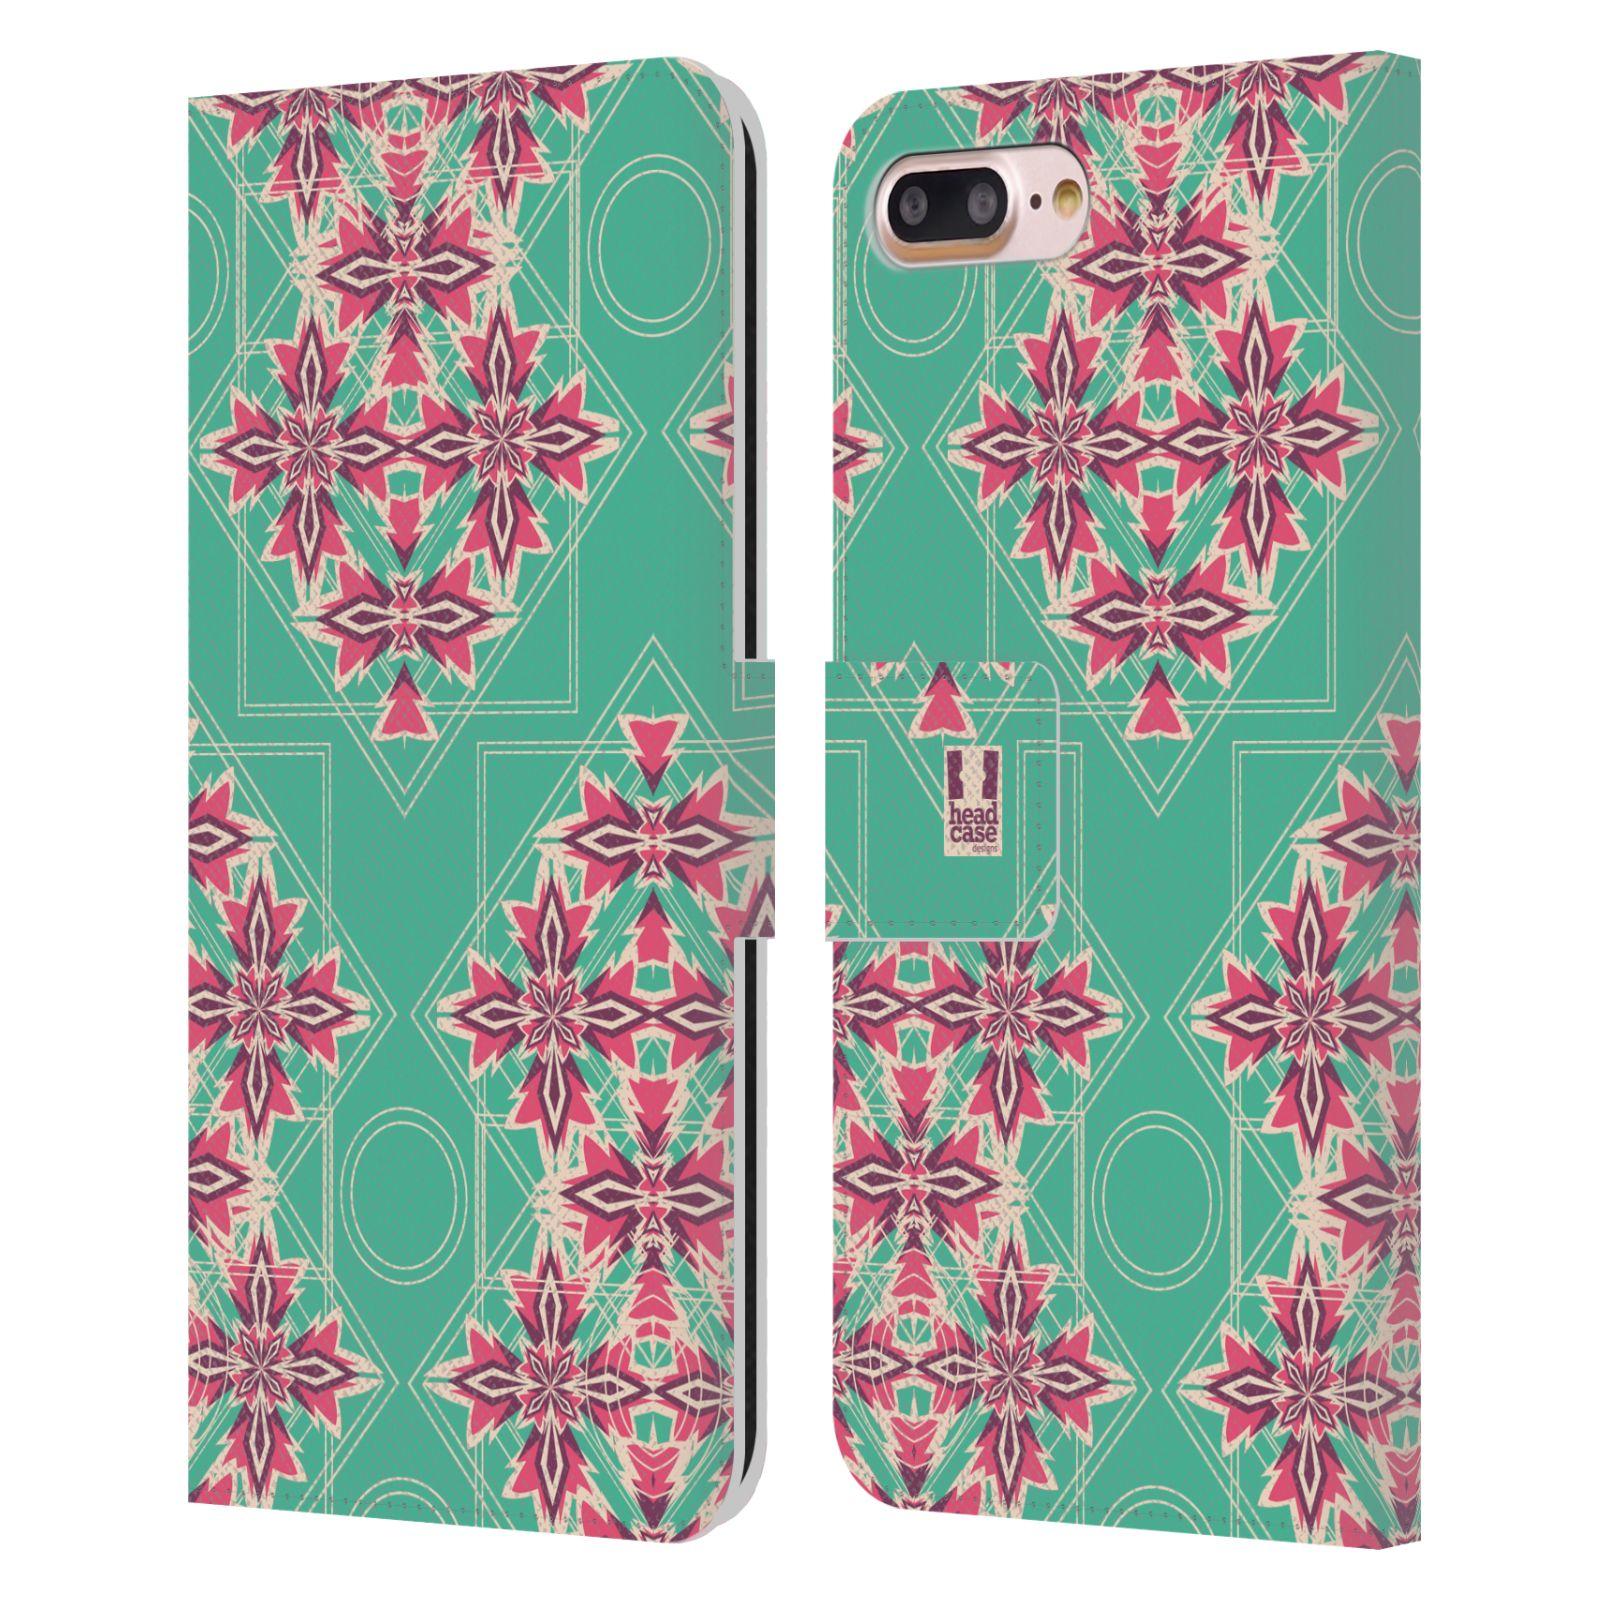 HEAD CASE Flipové pouzdro pro mobil Apple Iphone 7 PLUS / 8 PLUS kaleidoskop květinový diamant tyrkysová